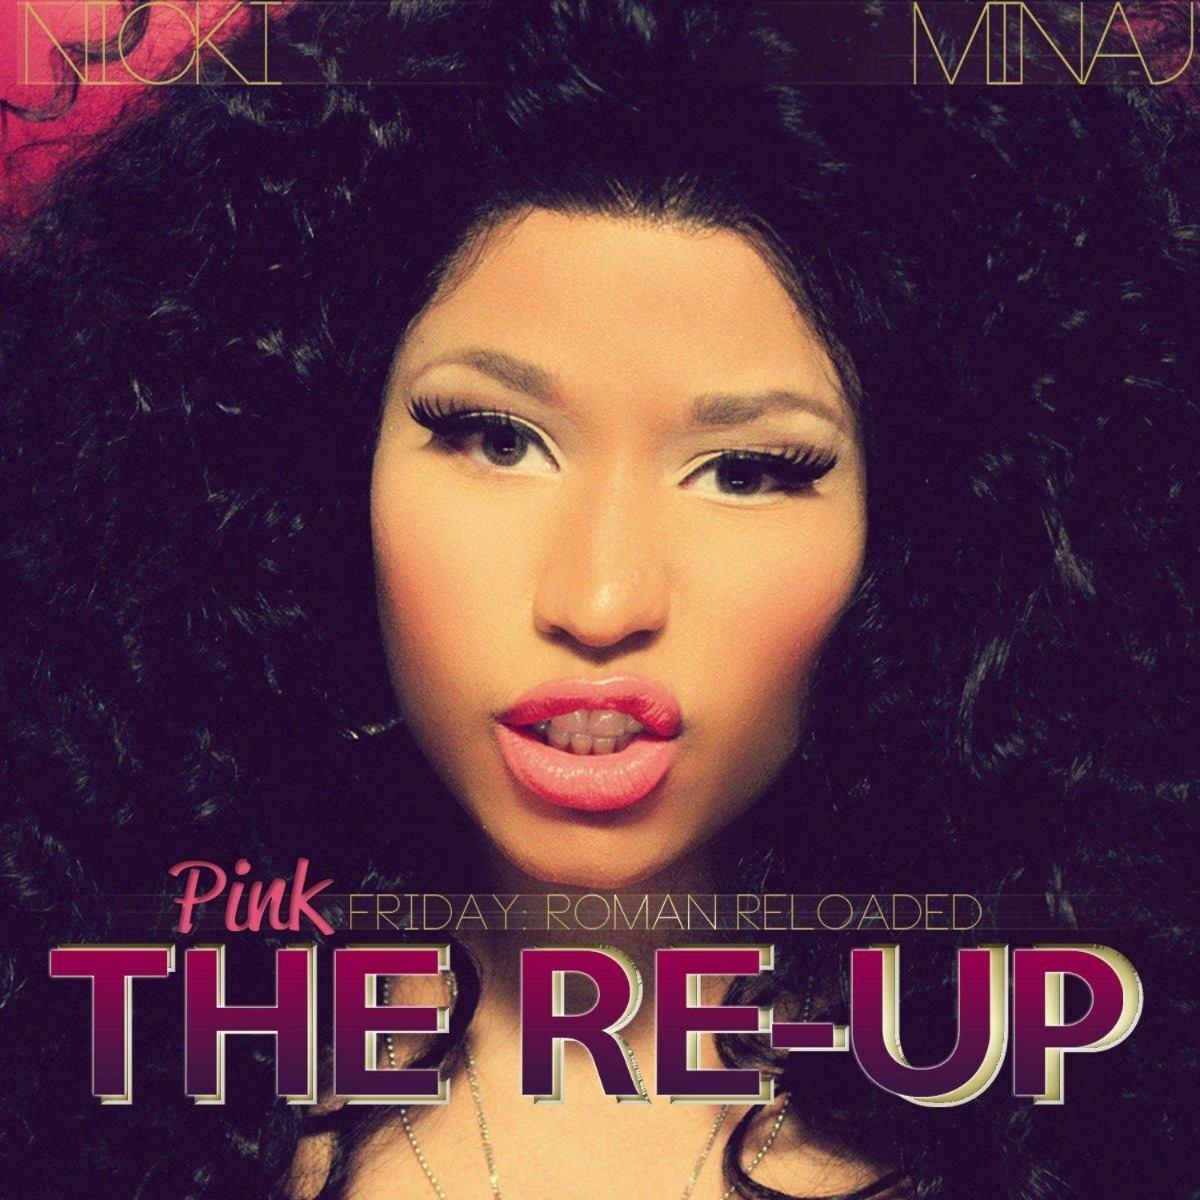 minaj reloaded friday roman Nicki pink